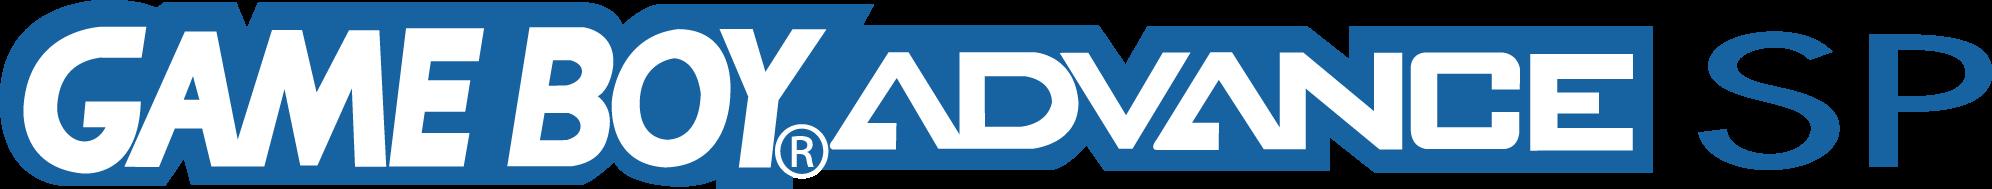 Gameboy Advance SP | Entertainment | Logos, Company logo, Tech companies